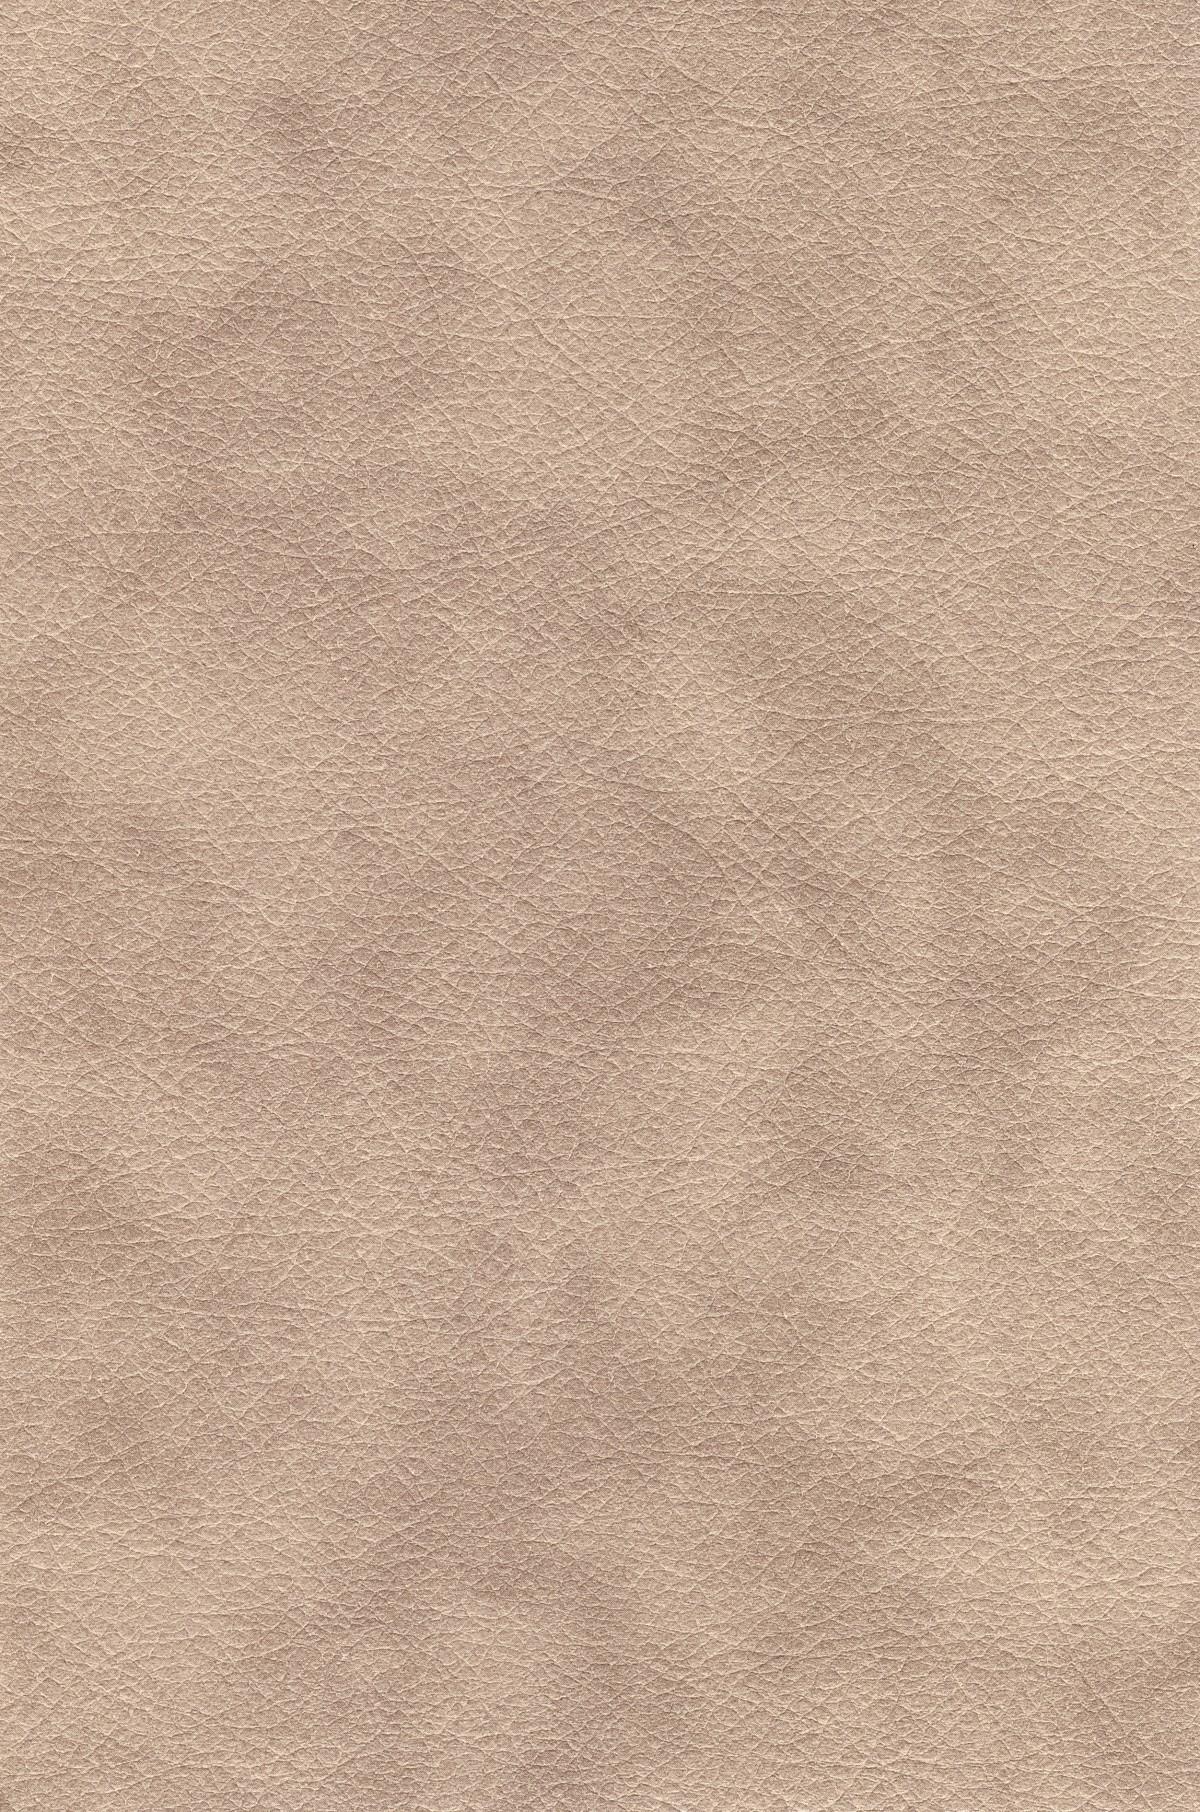 1200 x 1812 jpeg 1026kBNatural